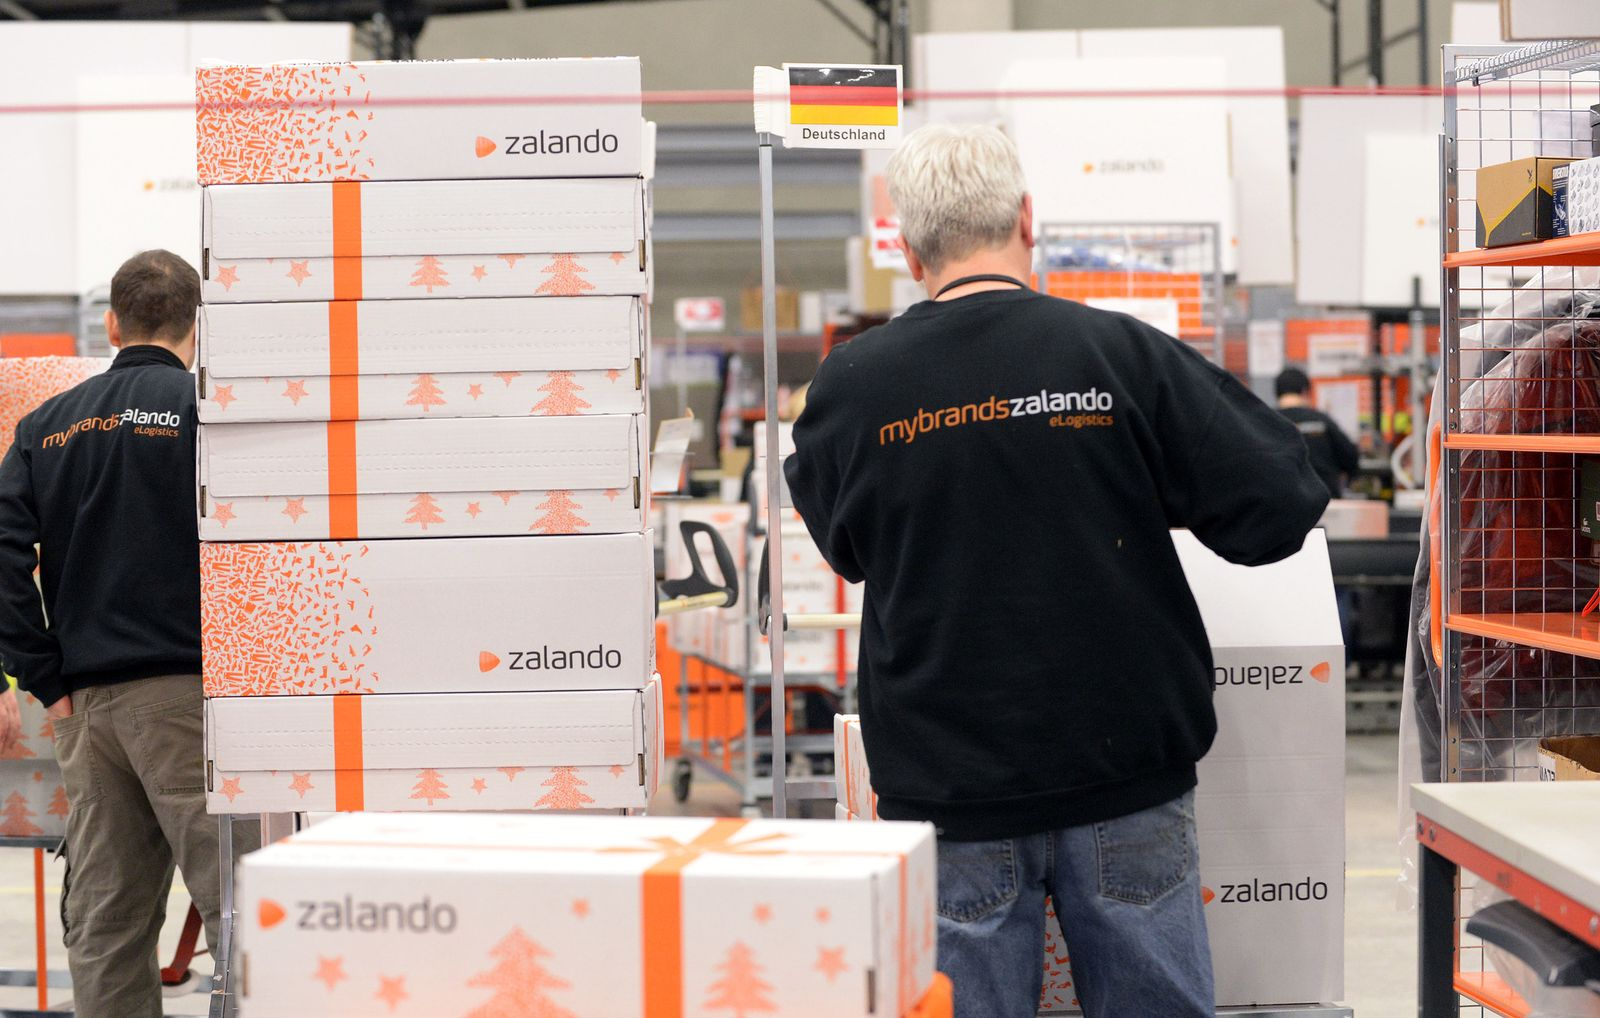 Zalando / Logistikzentrum / Erfurt